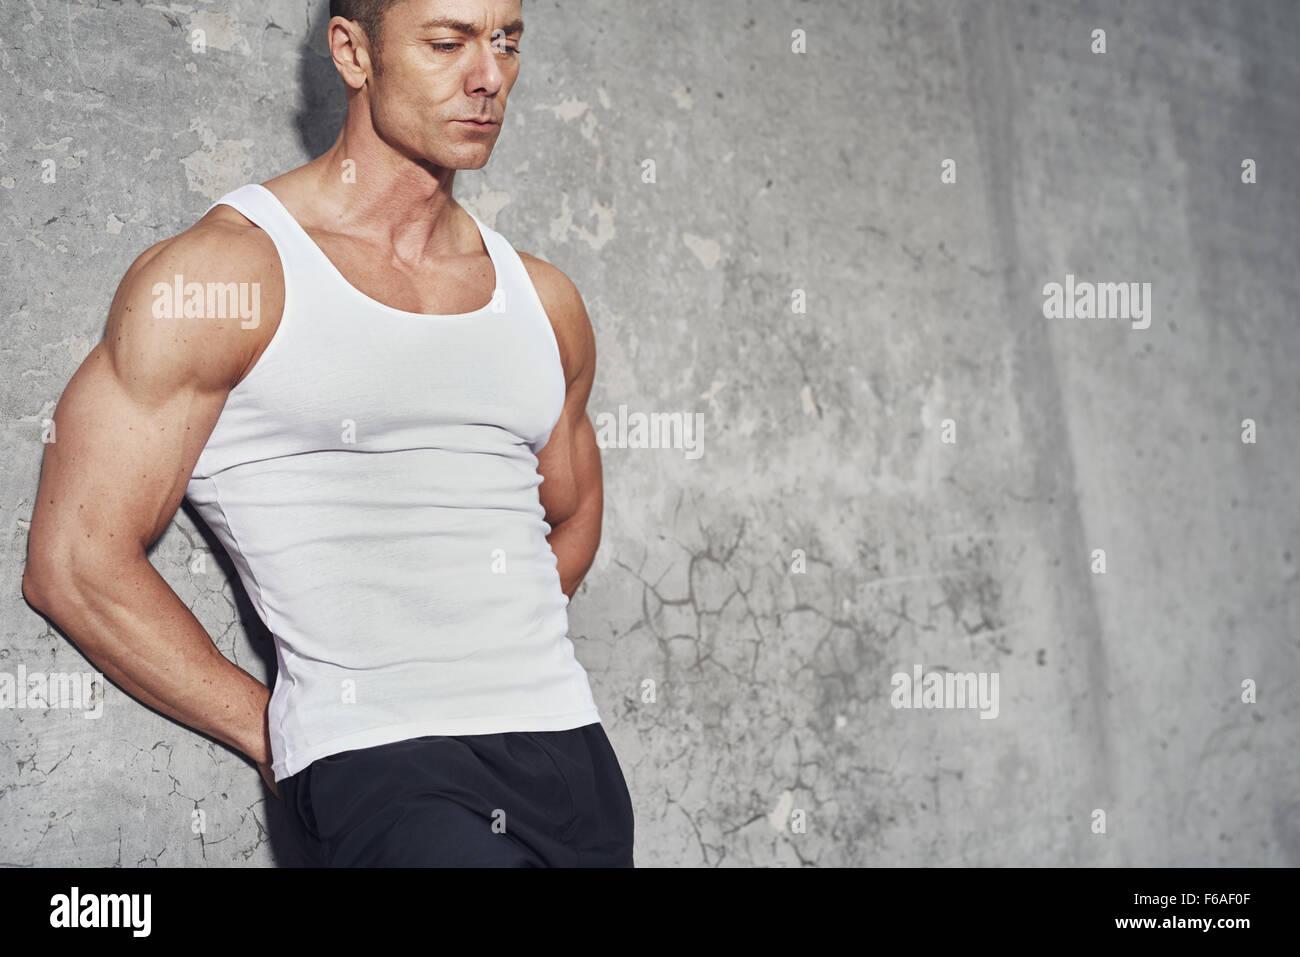 Fitness Konzept Porträt des weißen Mannes, Fit und gesund, weißes Tanktop, Fitnesskonzept hautnah Stockbild